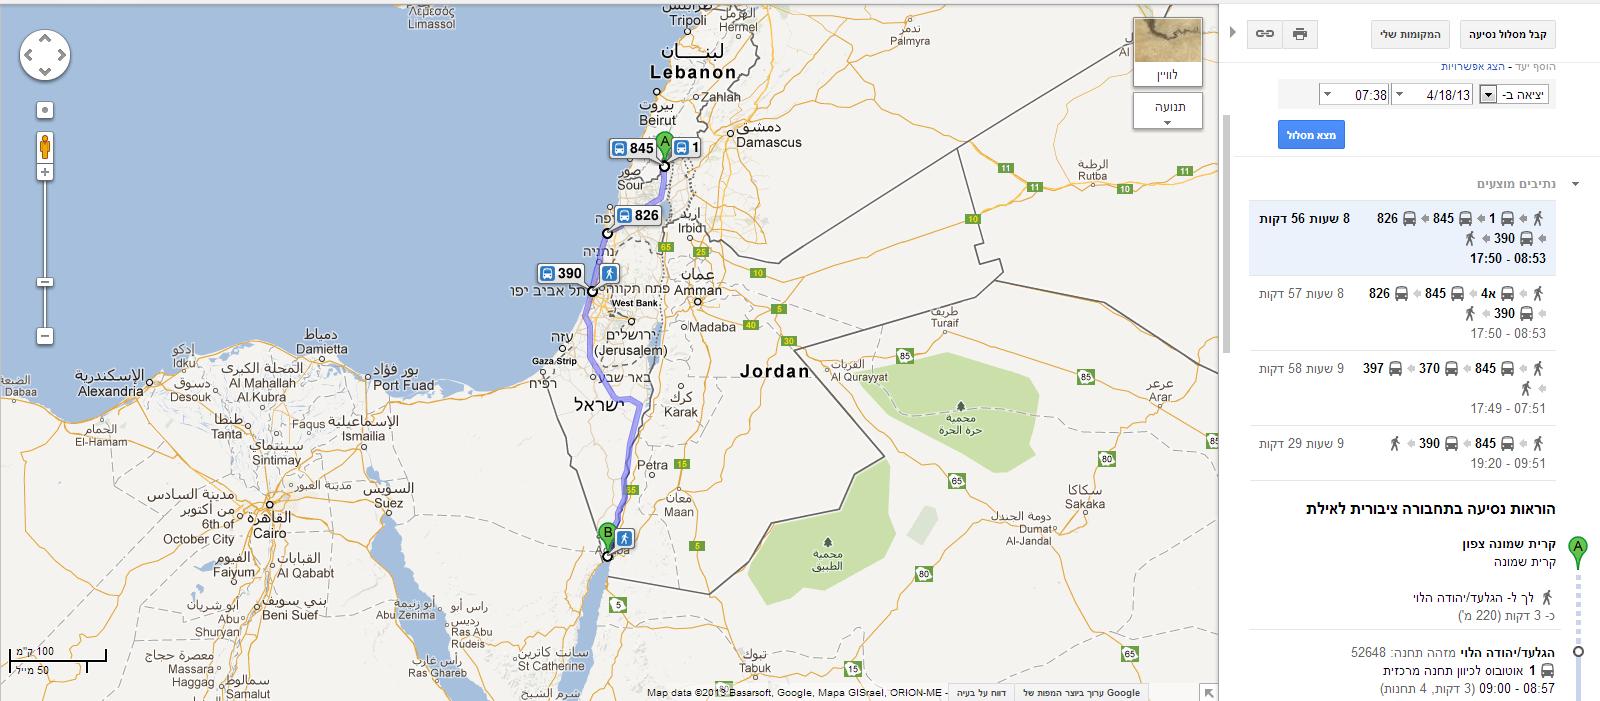 מקור: Google Maps, לחץ להגדלה